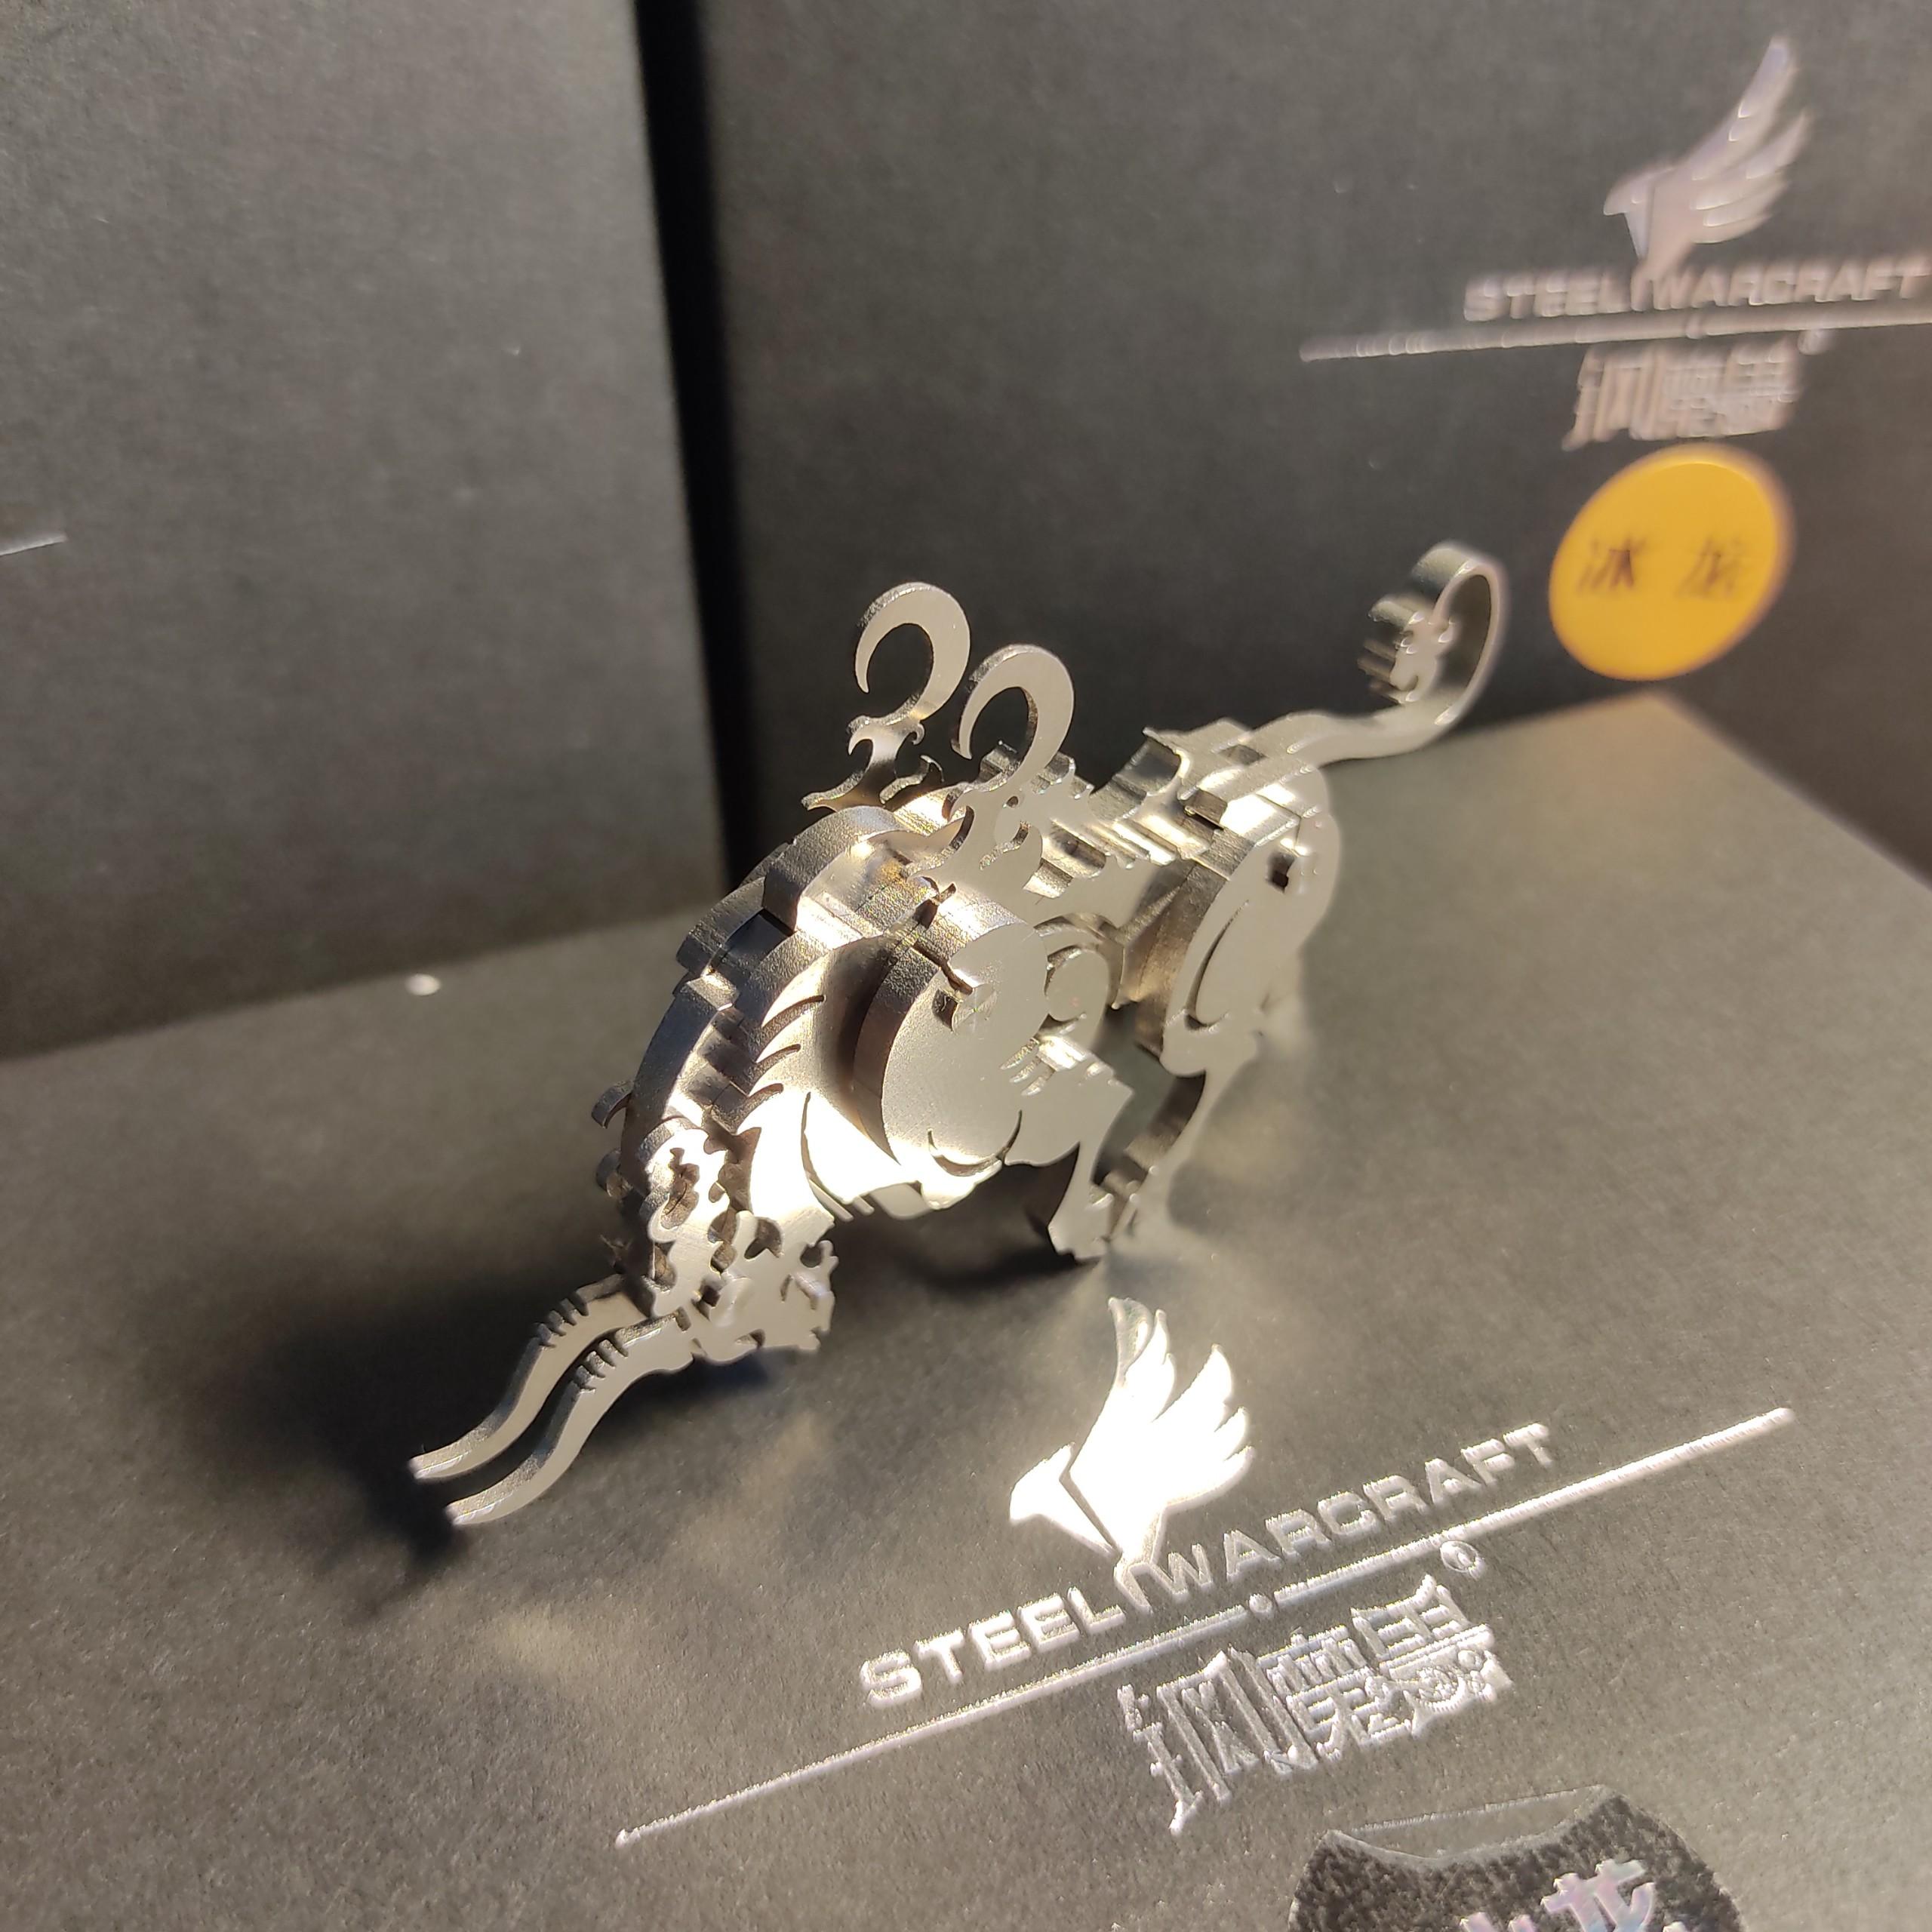 Mô hình trang trí hình bò thần lắp ghép cao cấp, chất liệu kim loại, lắp đặt dễ dàng.